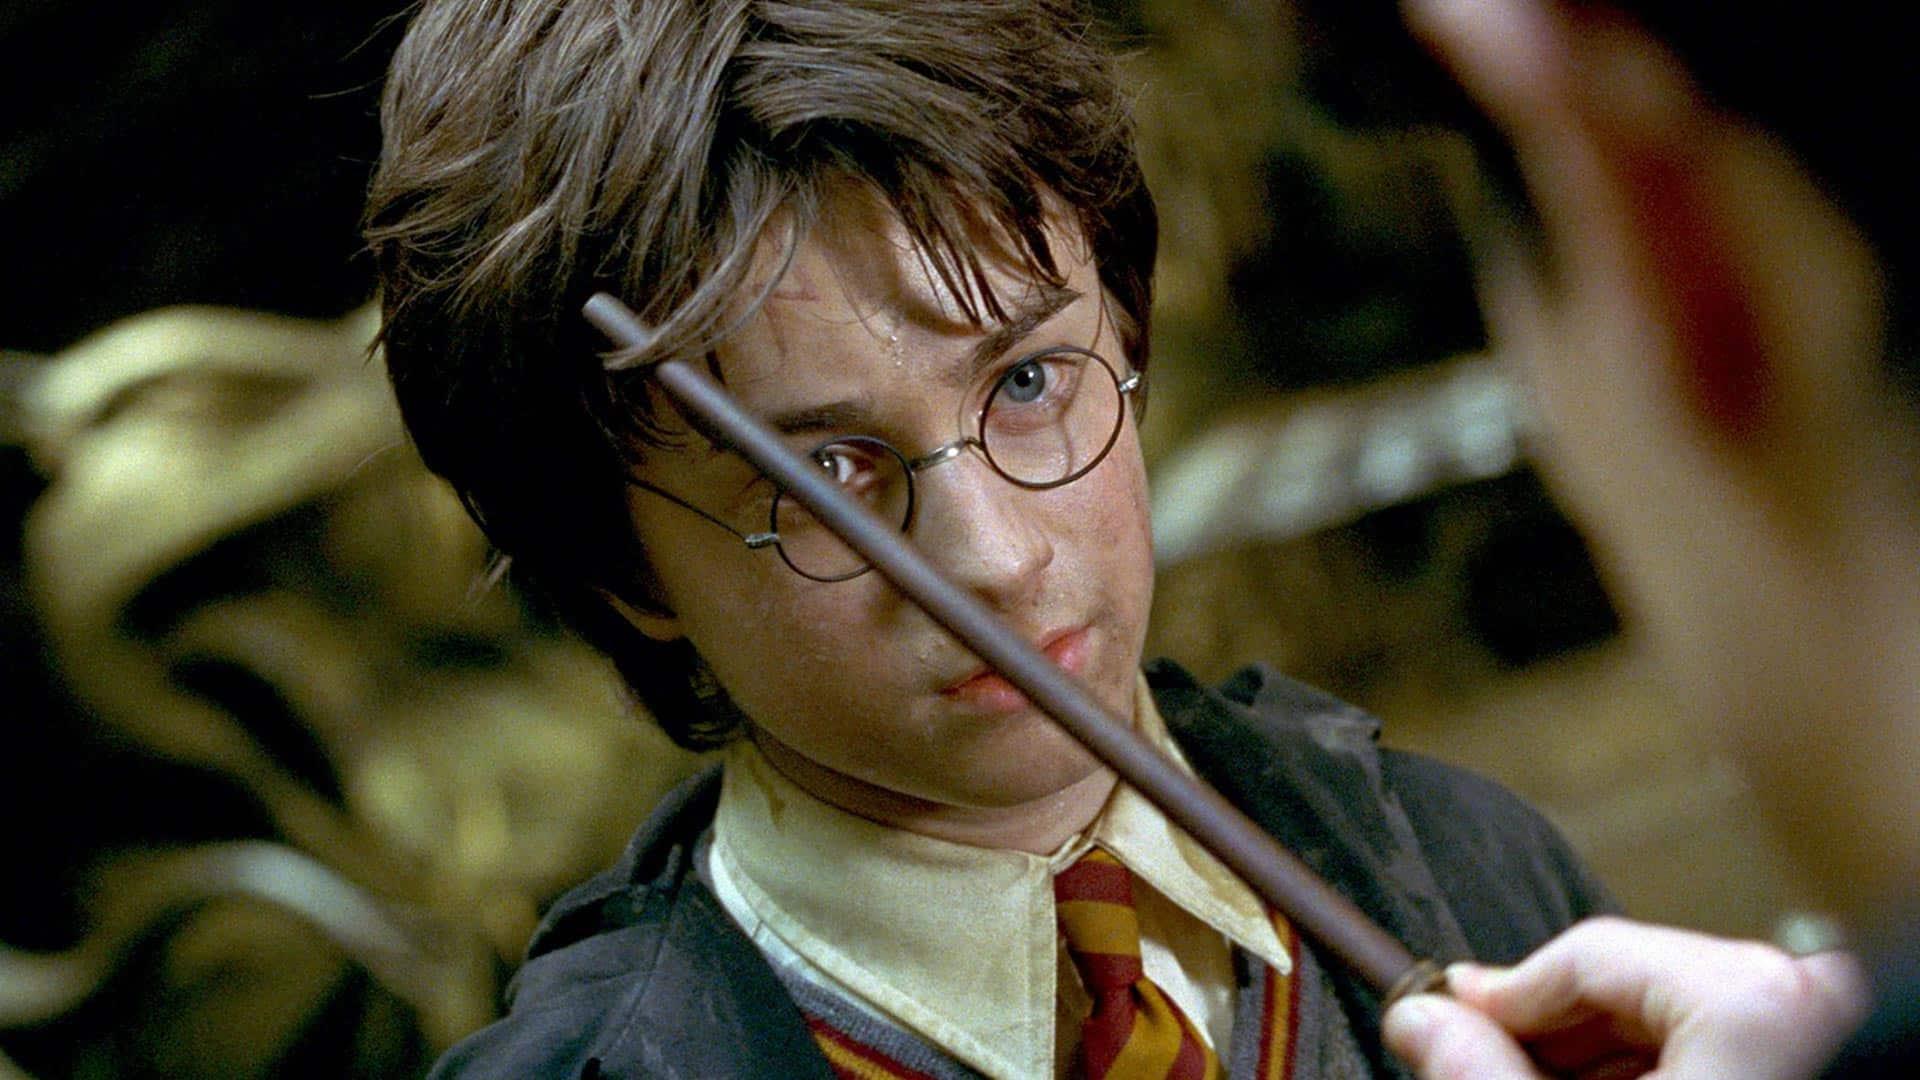 Calendario Dellavvento Harry Potter Funko.Harry Potter Il Calendario Dell Avvento Funko Pop E Tornato